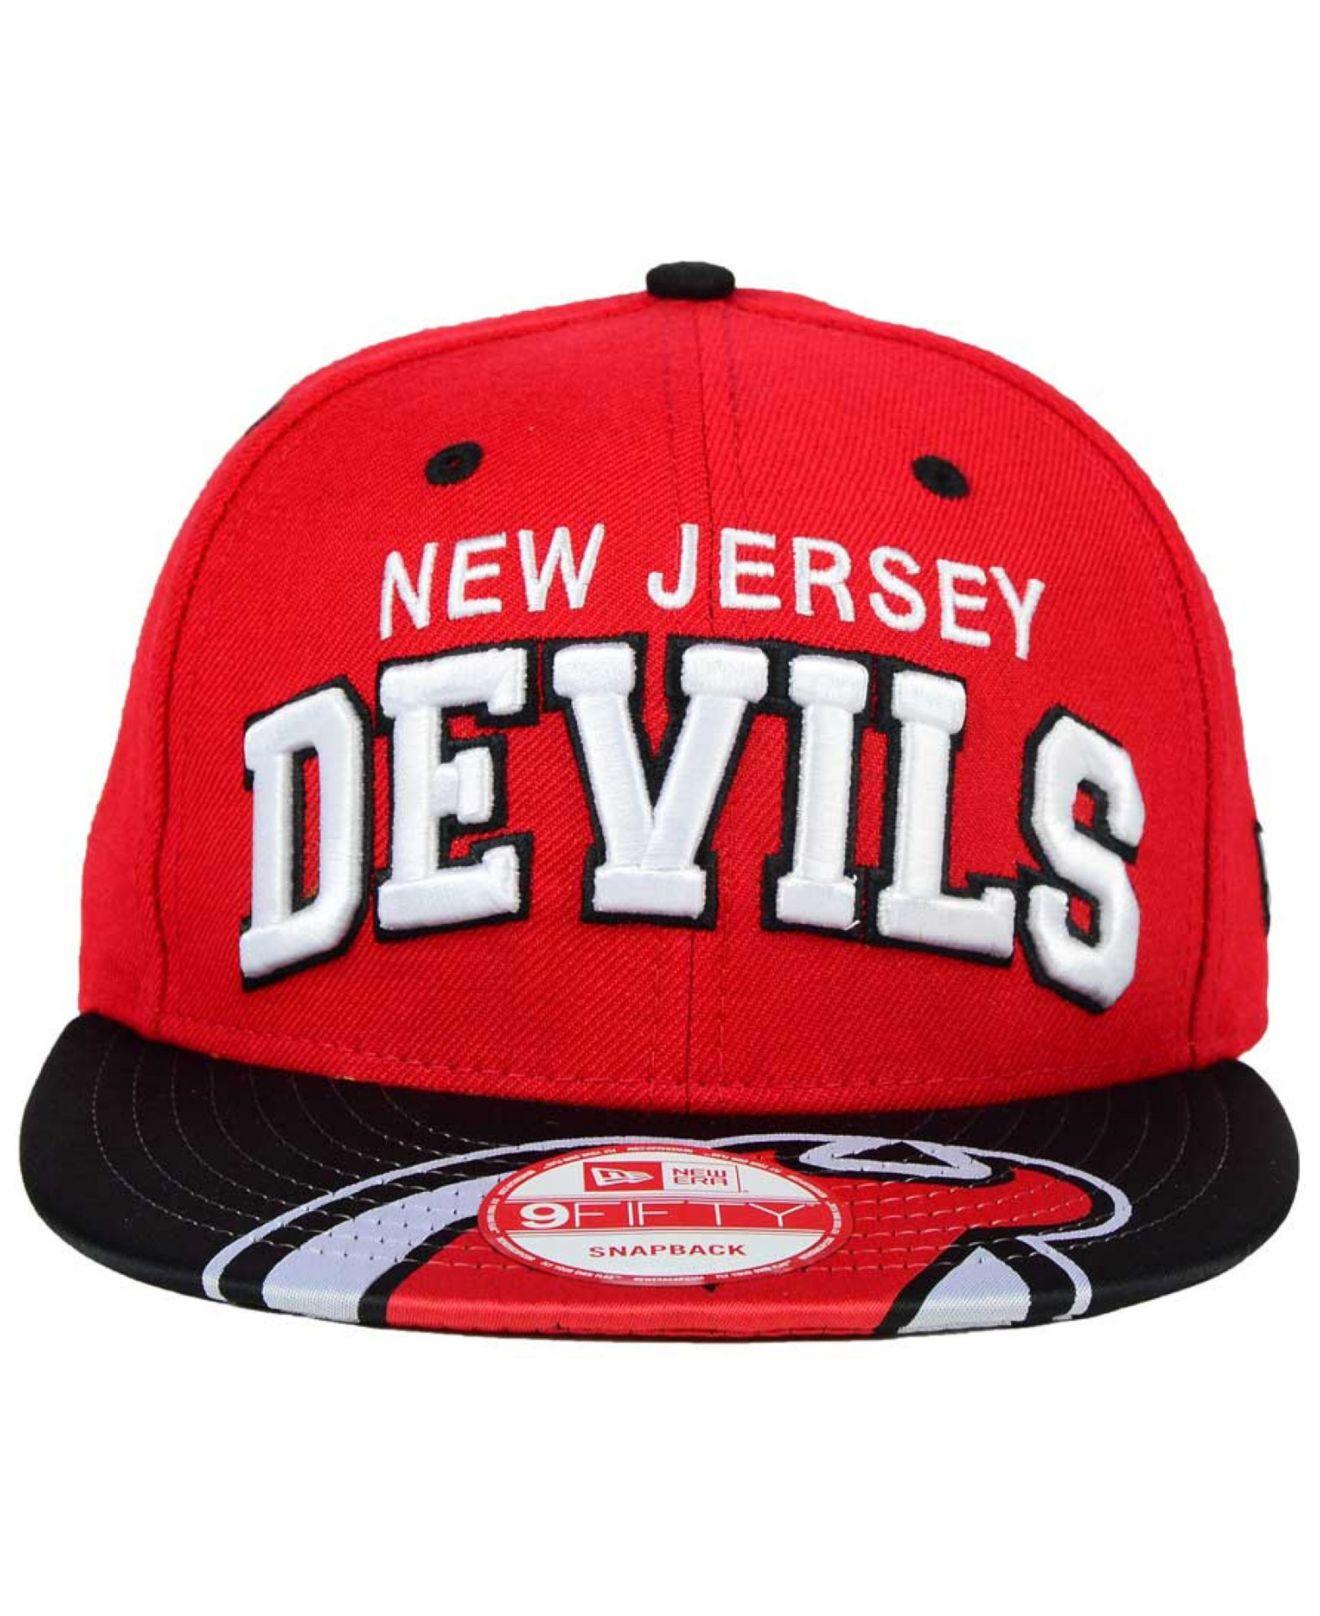 size 40 b7149 c4009 Lyst - KTZ New Jersey Devils Double Flip 9fifty Snapback Cap in Red ...